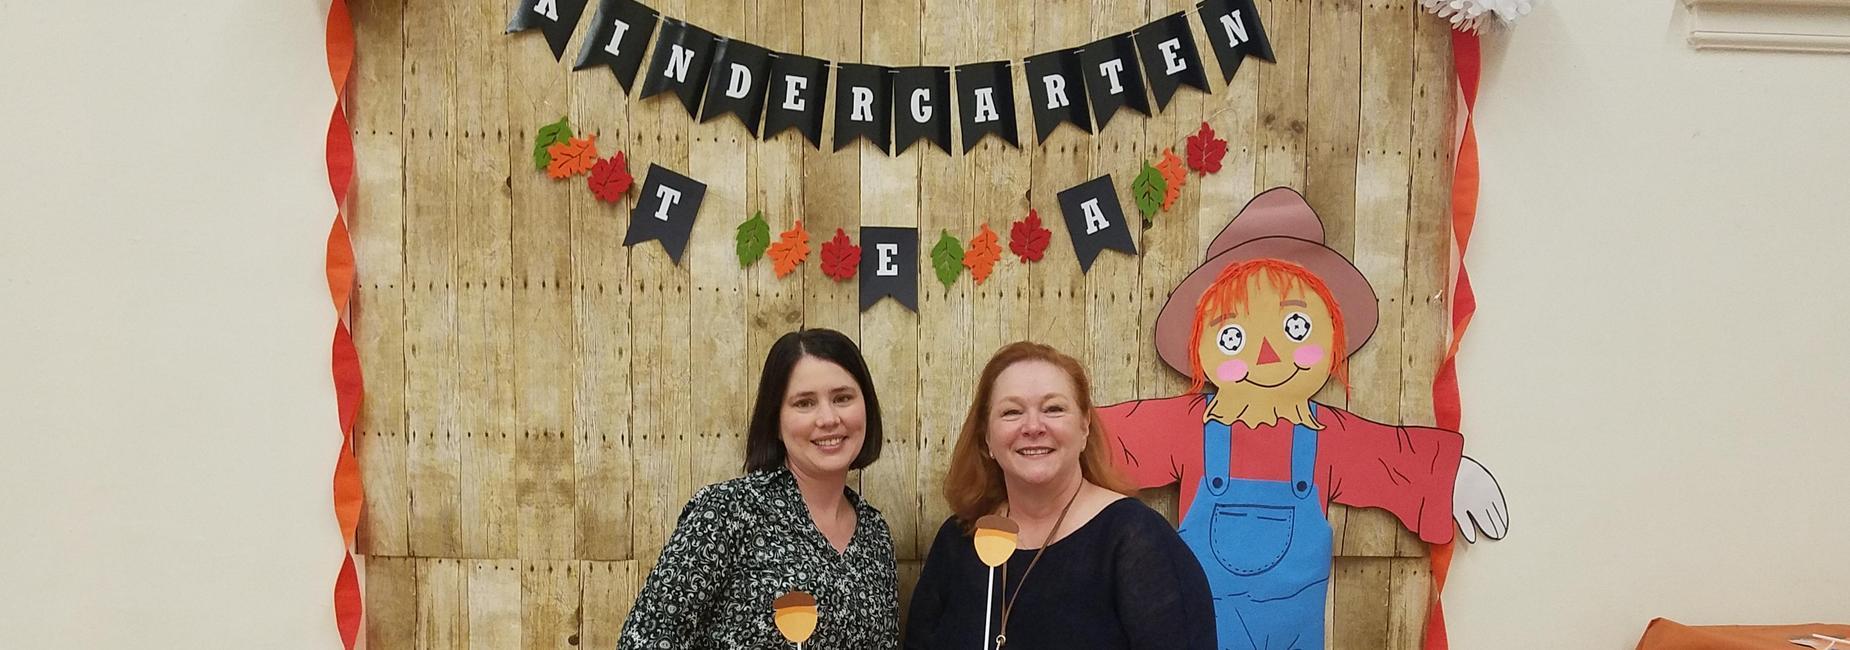 Principal and Asst Principal at kindergarten tea